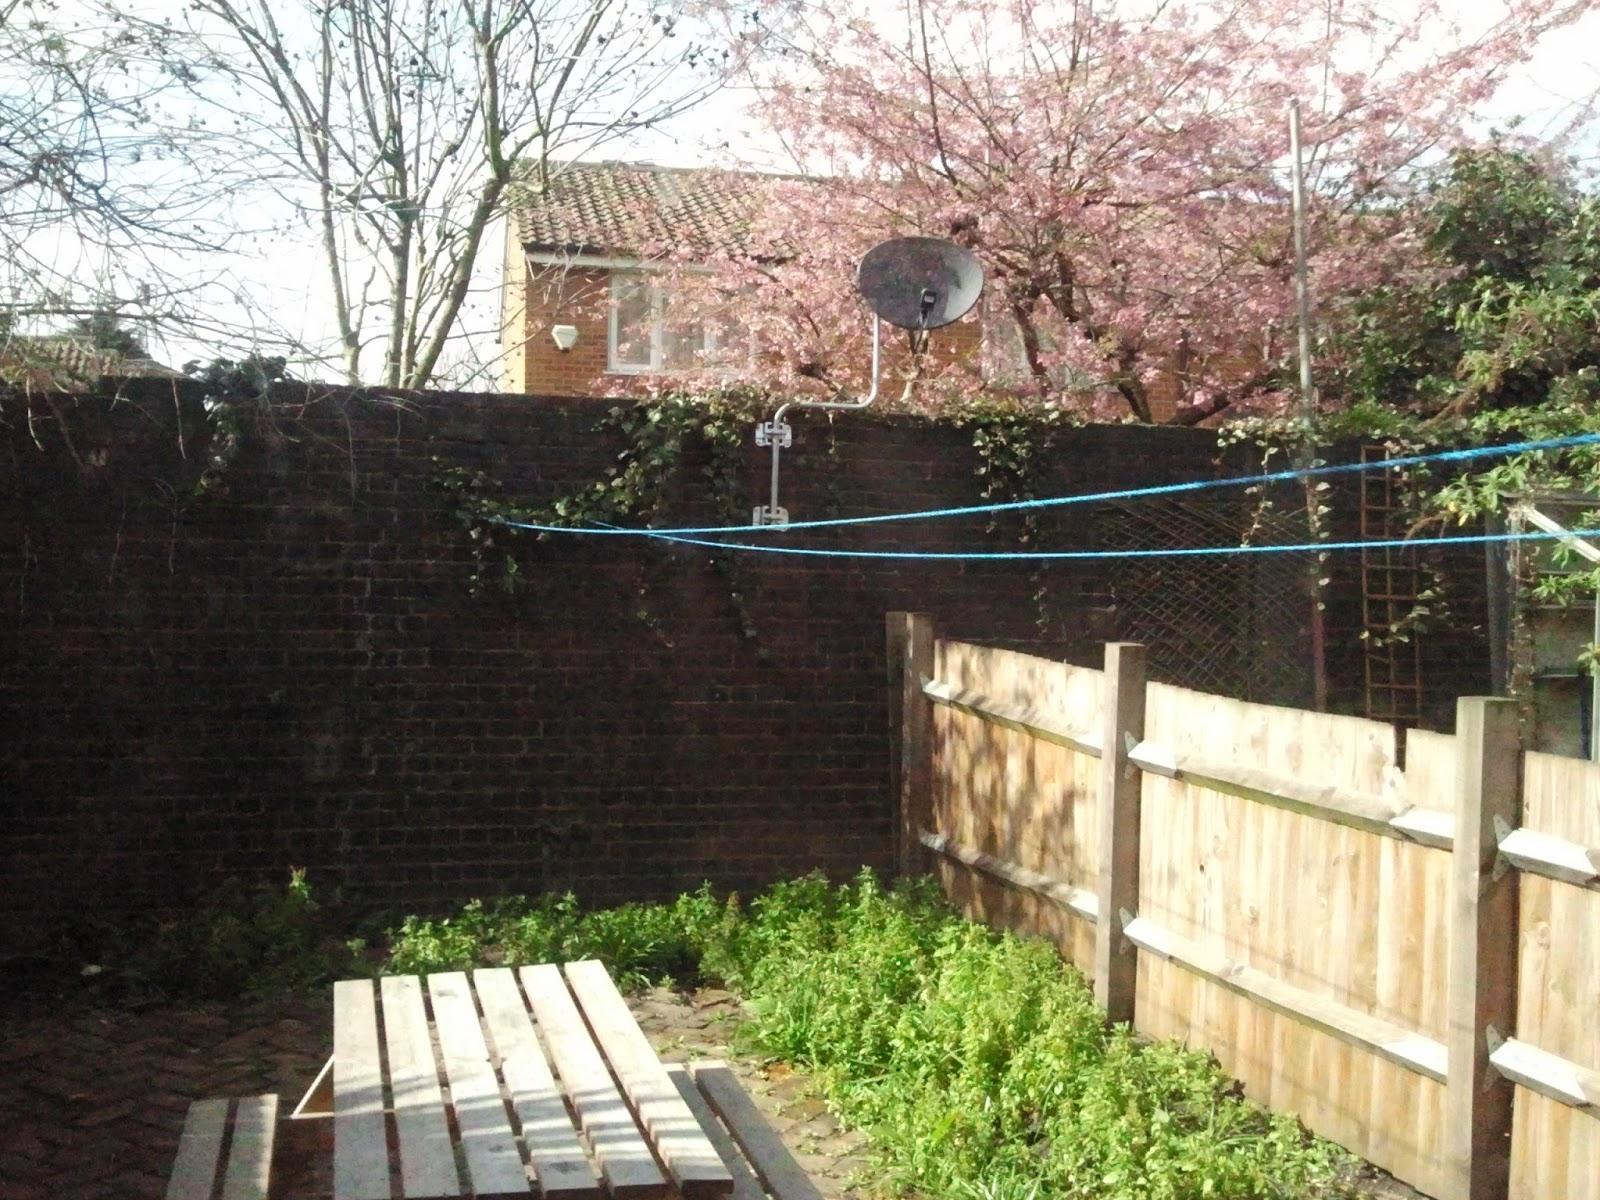 Anthony leguach coming to london mis colegas del barrio - Un jardin para mi ...